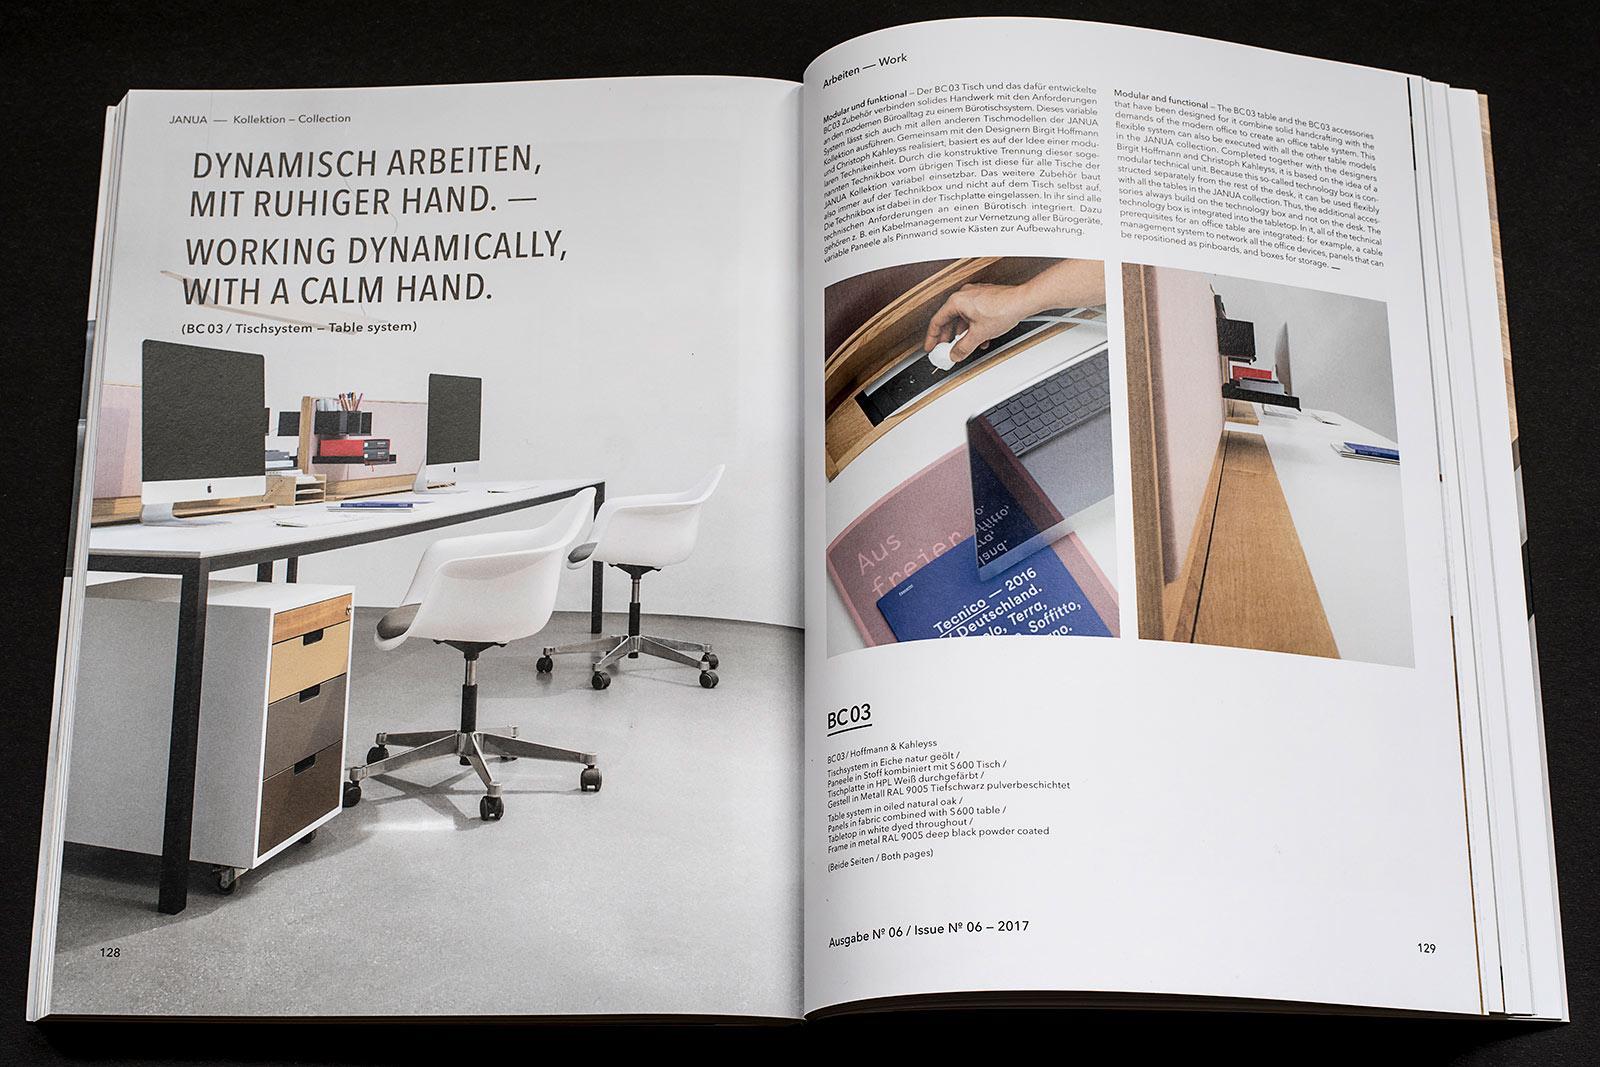 Möbel und Produktfotograf, Design,